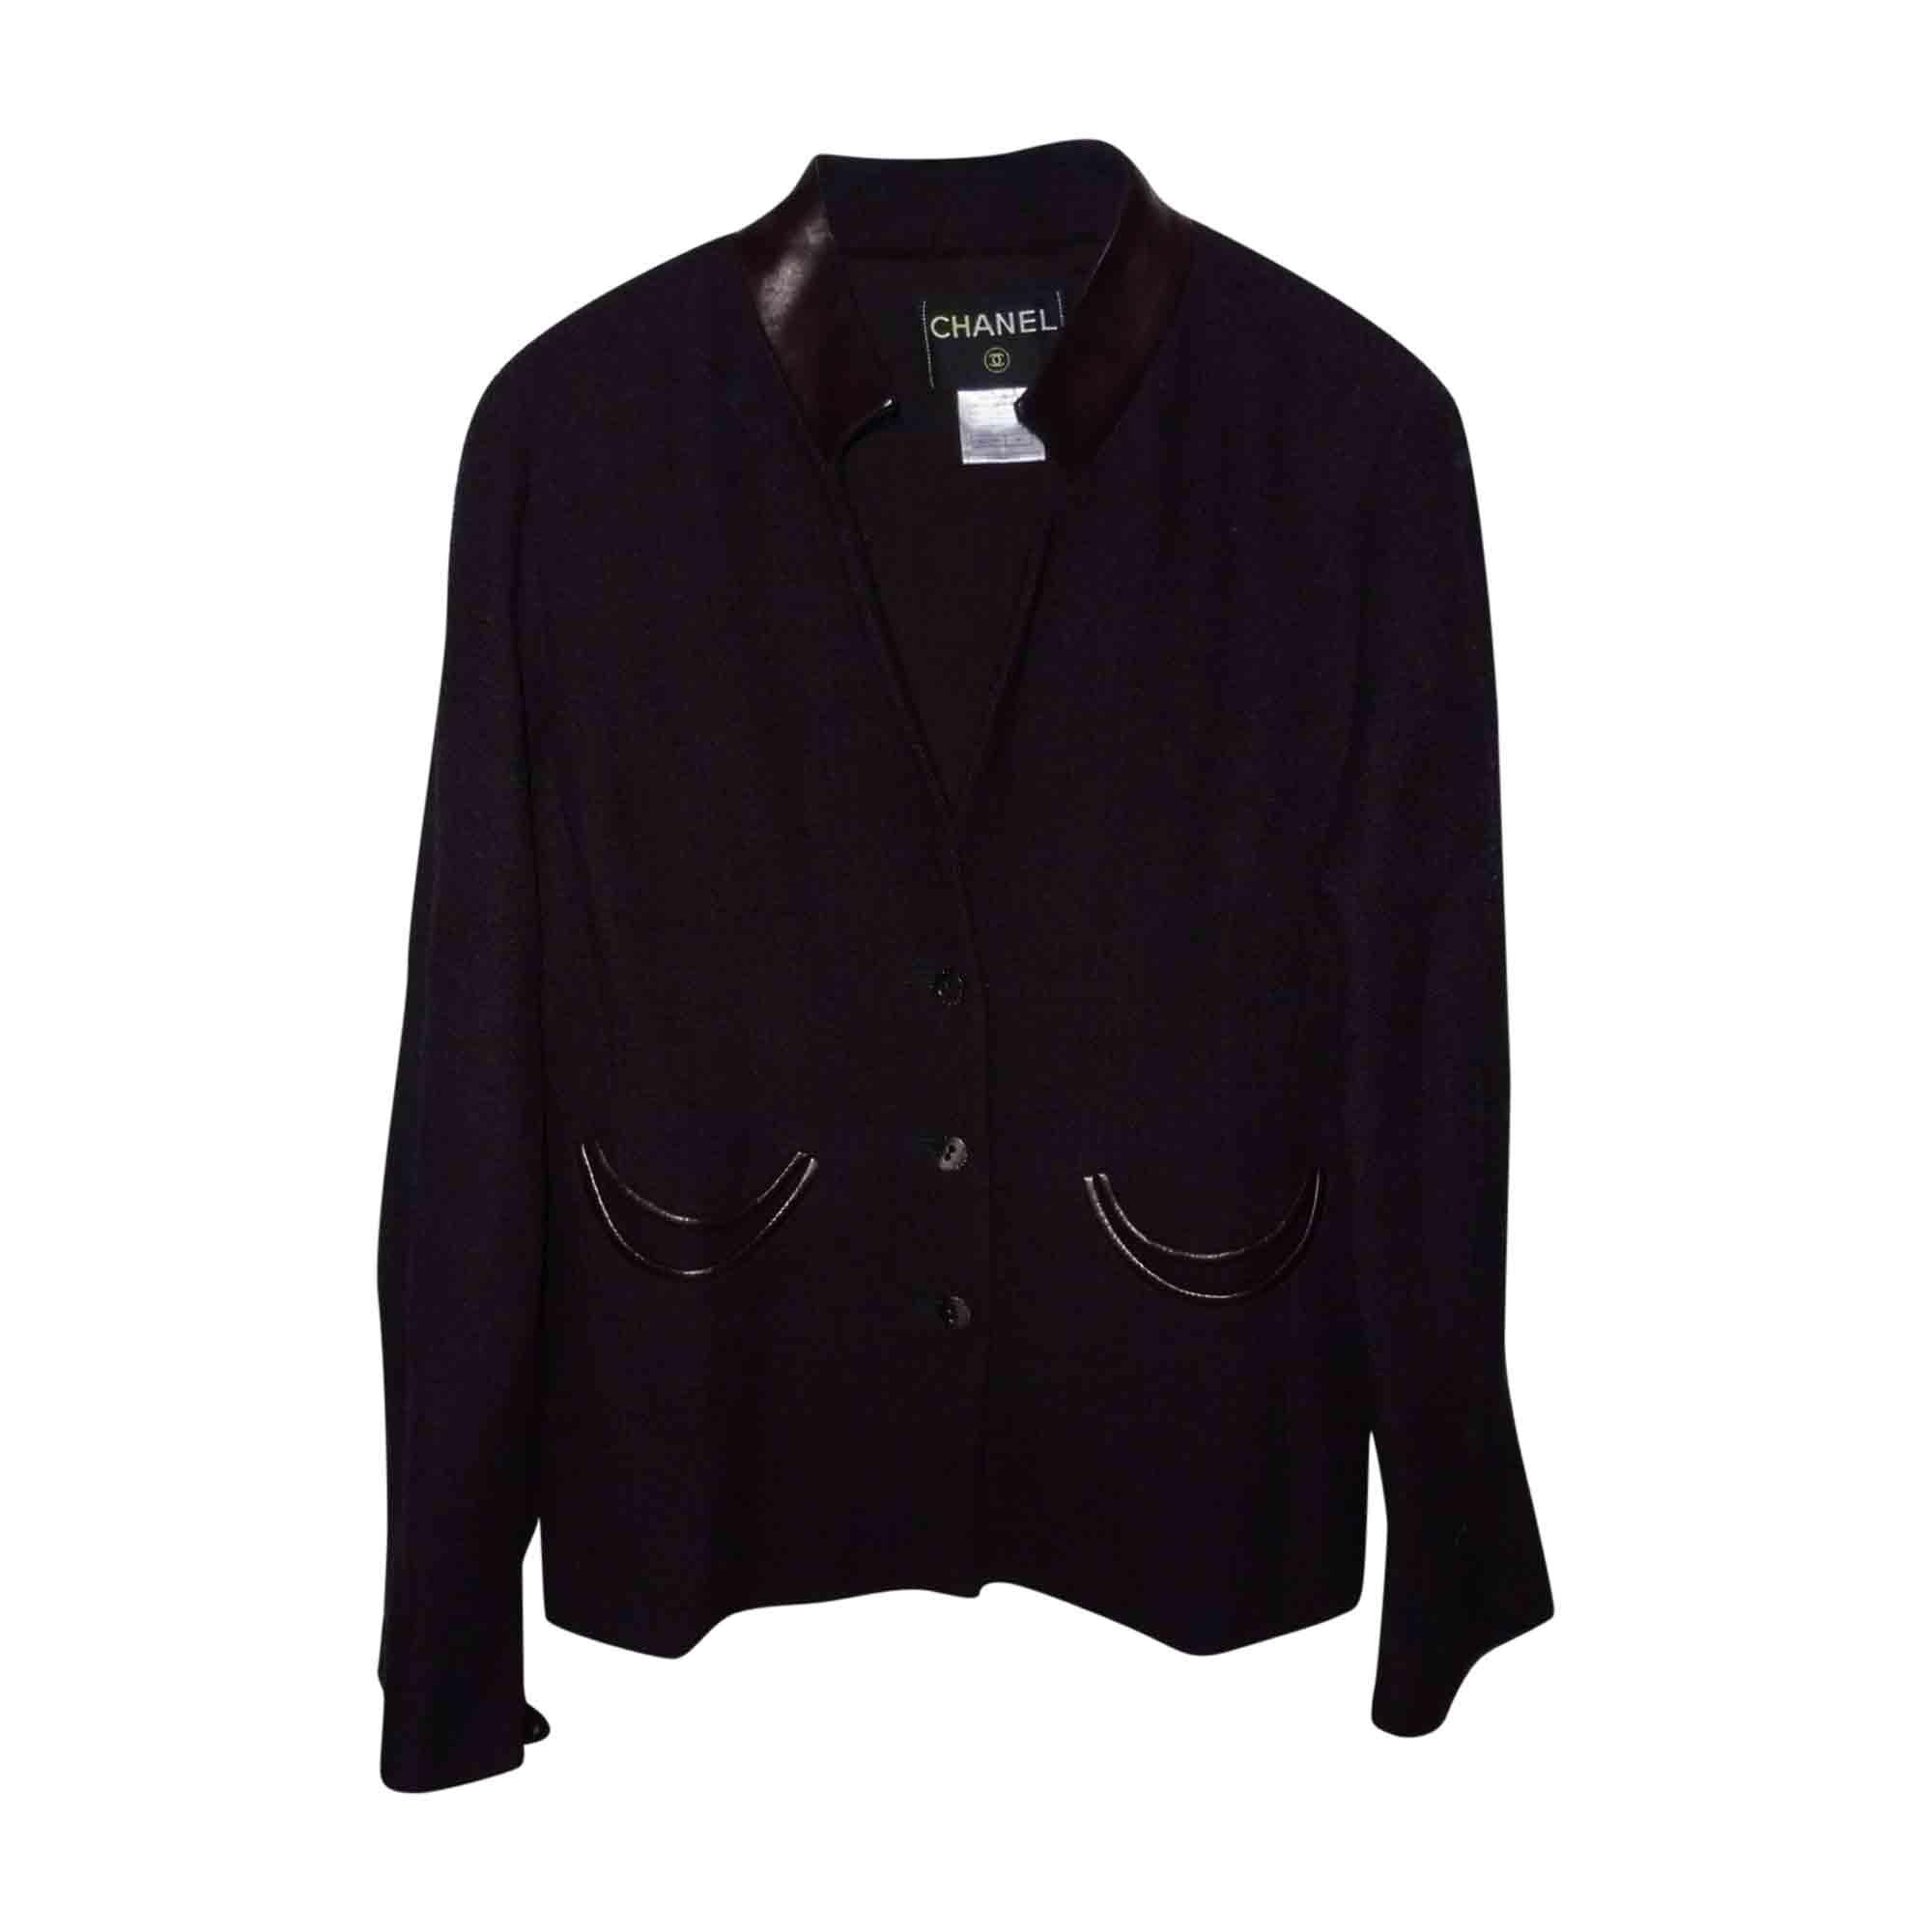 Blazer, veste tailleur CHANEL Marron